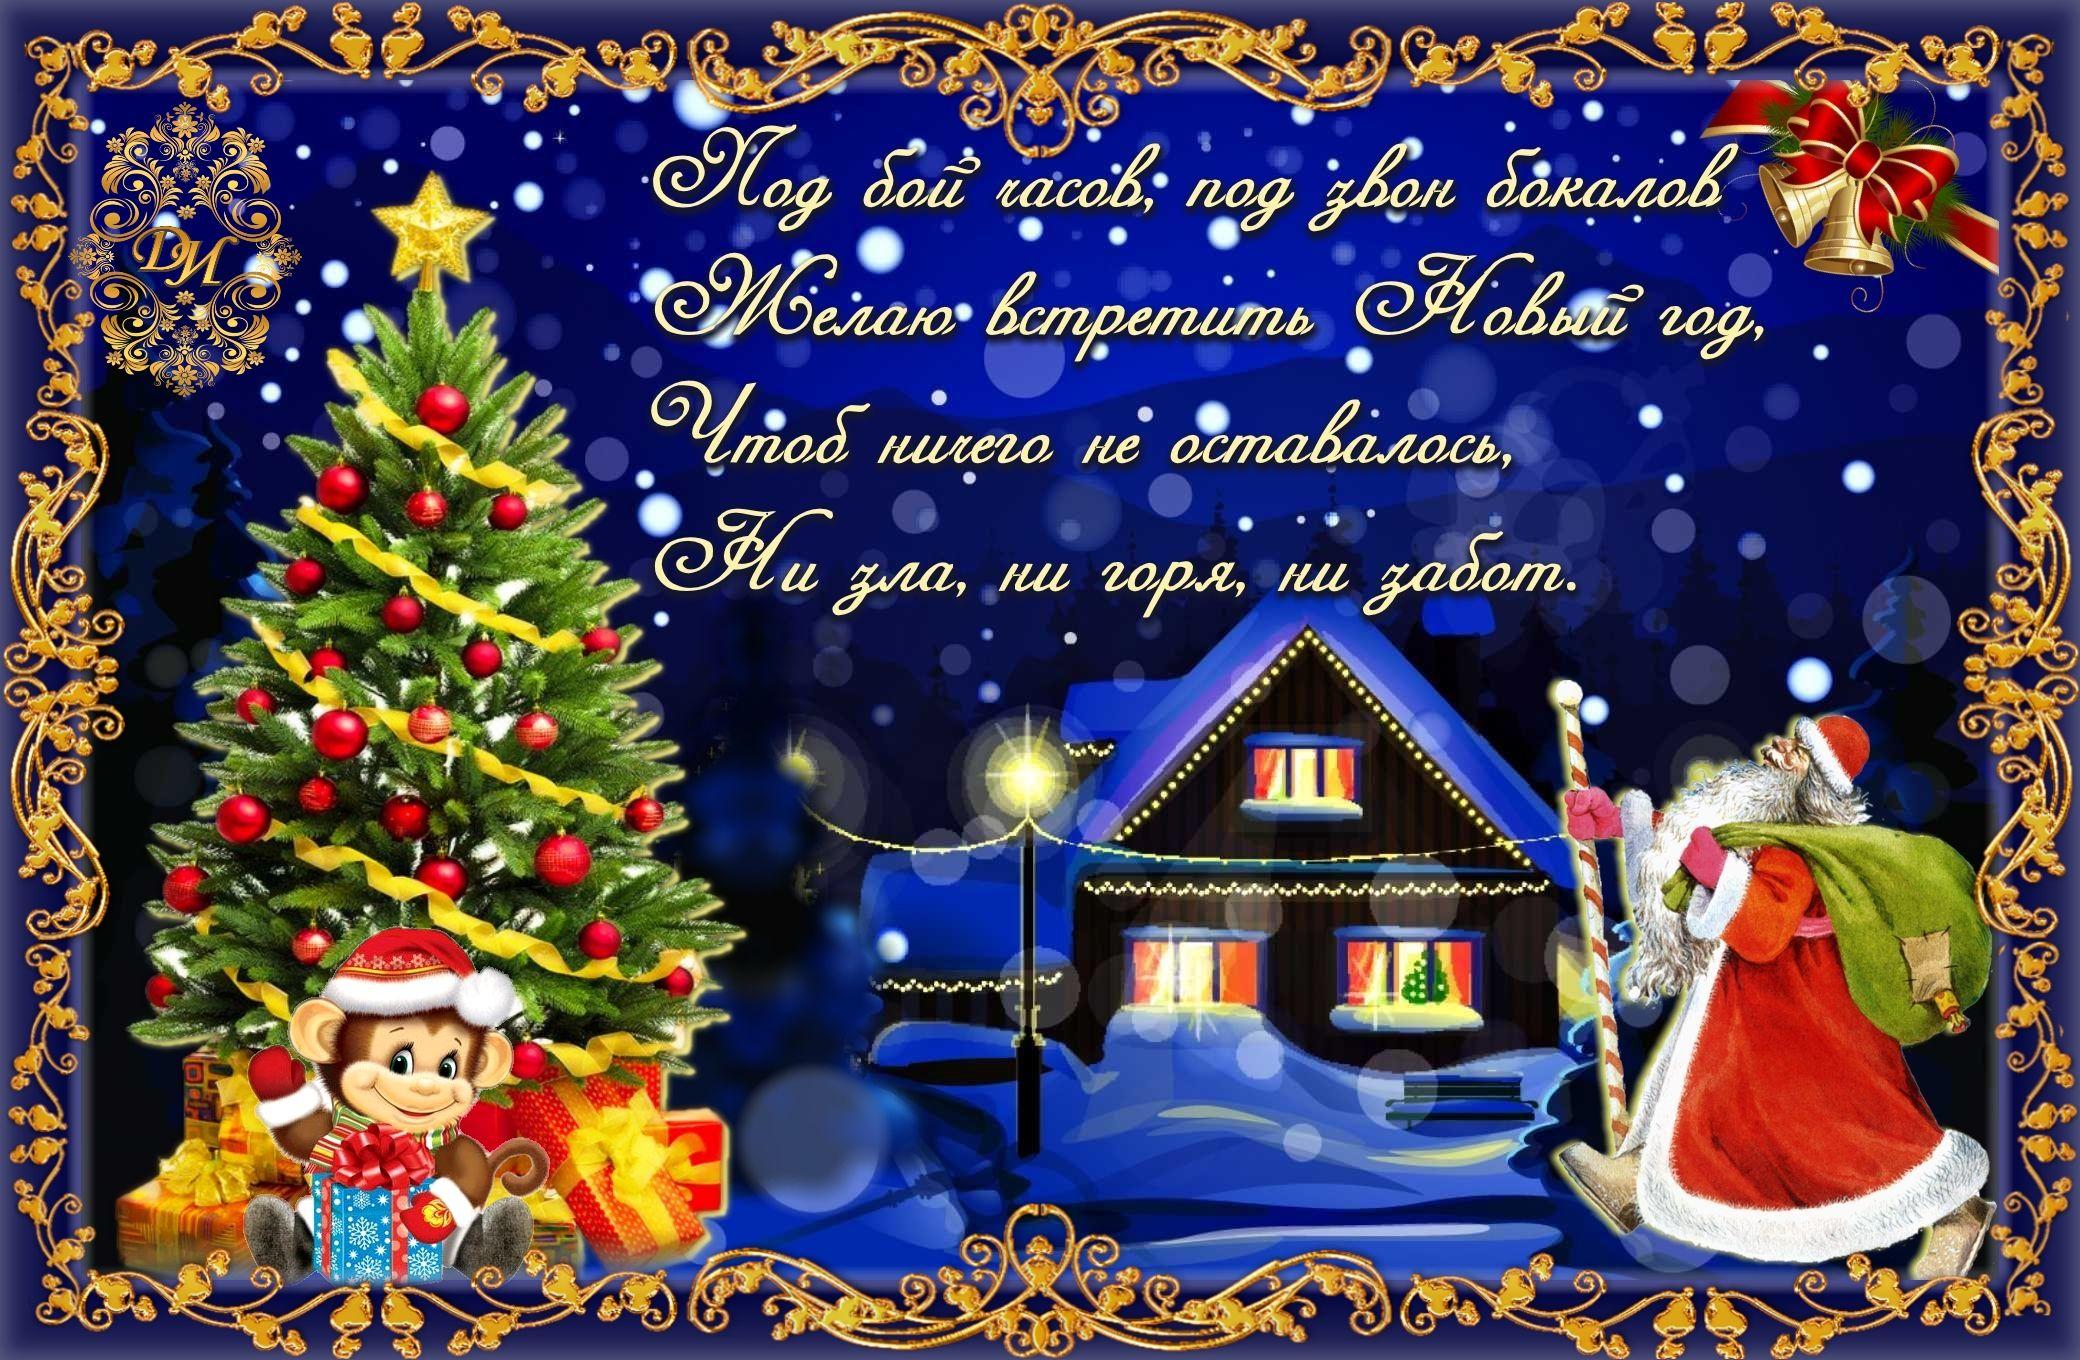 С наступающим новым годом и рождеством для коллег